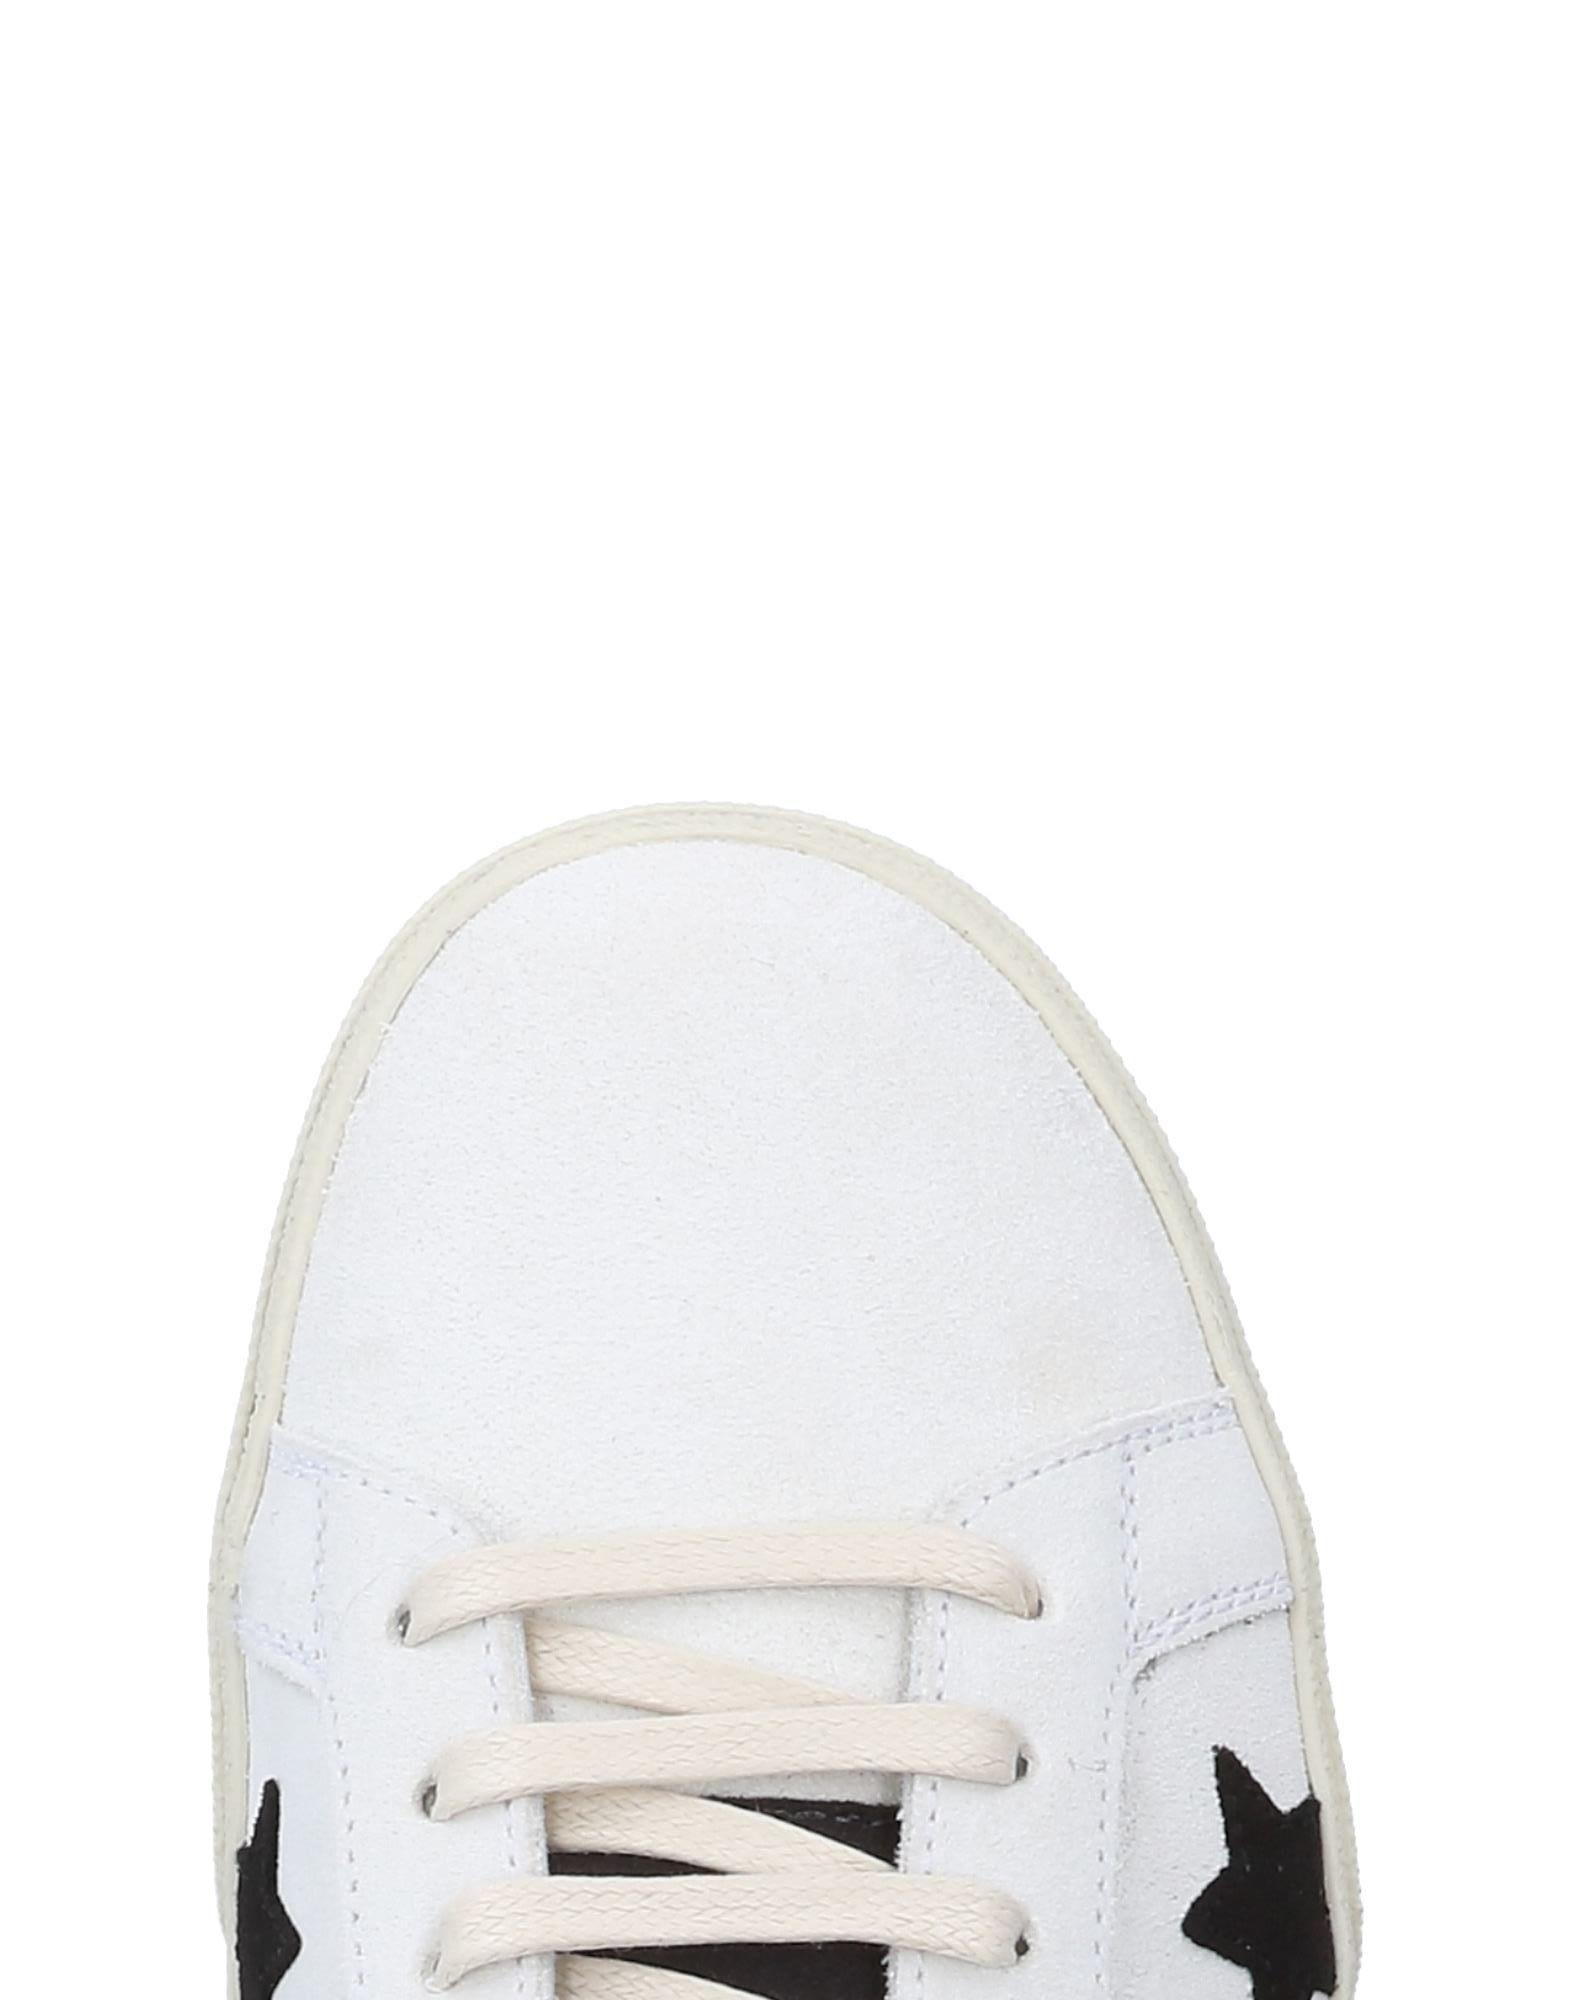 Saint Laurent Sneakers Herren beliebte  11485985HF Gute Qualität beliebte Herren Schuhe ddb03c